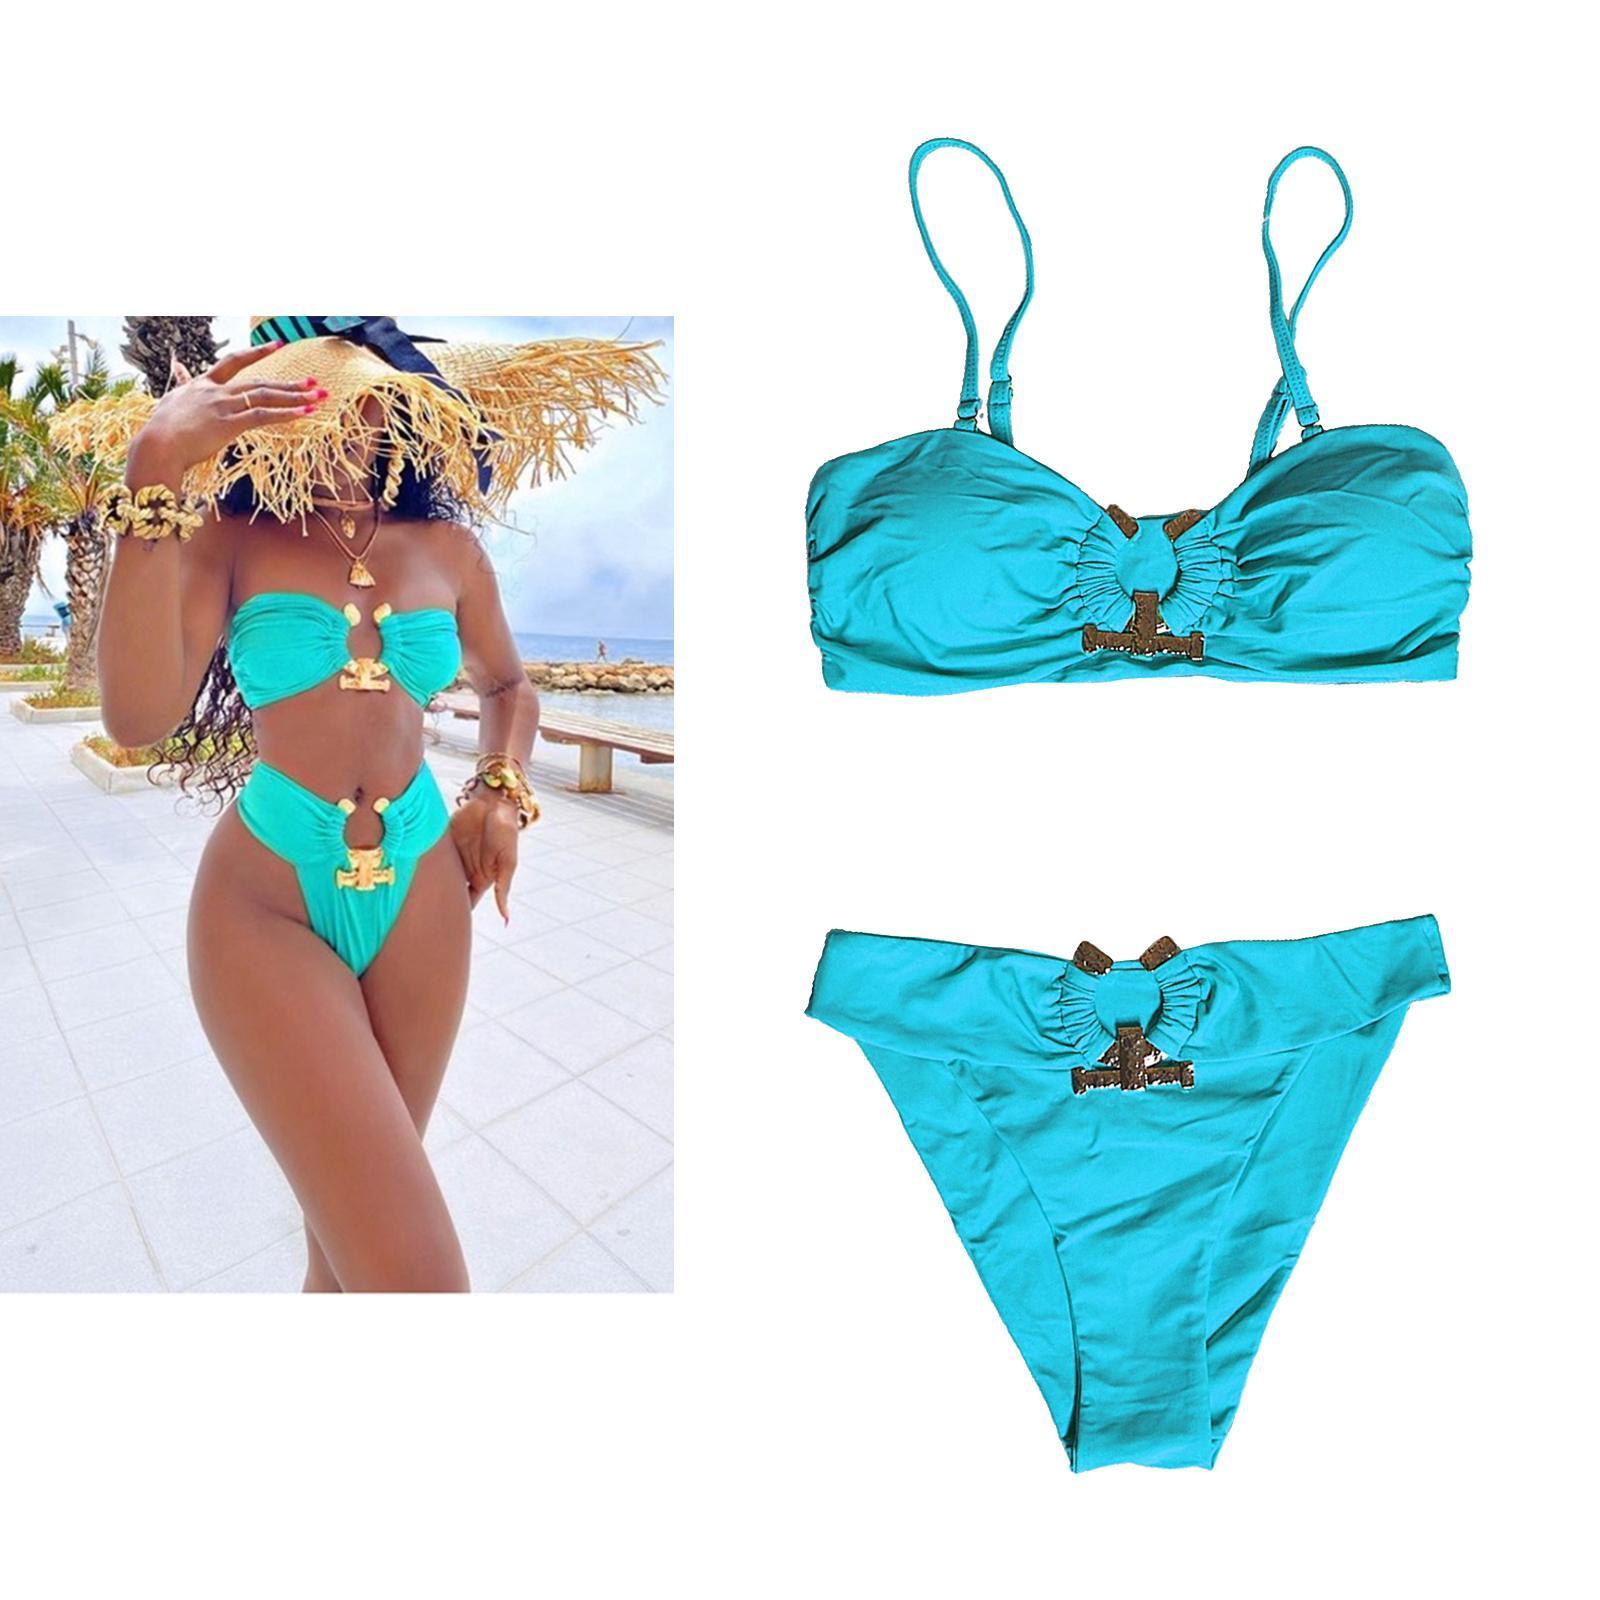 Indexbild 136 - Zwei Stücke Bikini Set Strappy Bademode Party Badeanzug Tankini Bademode